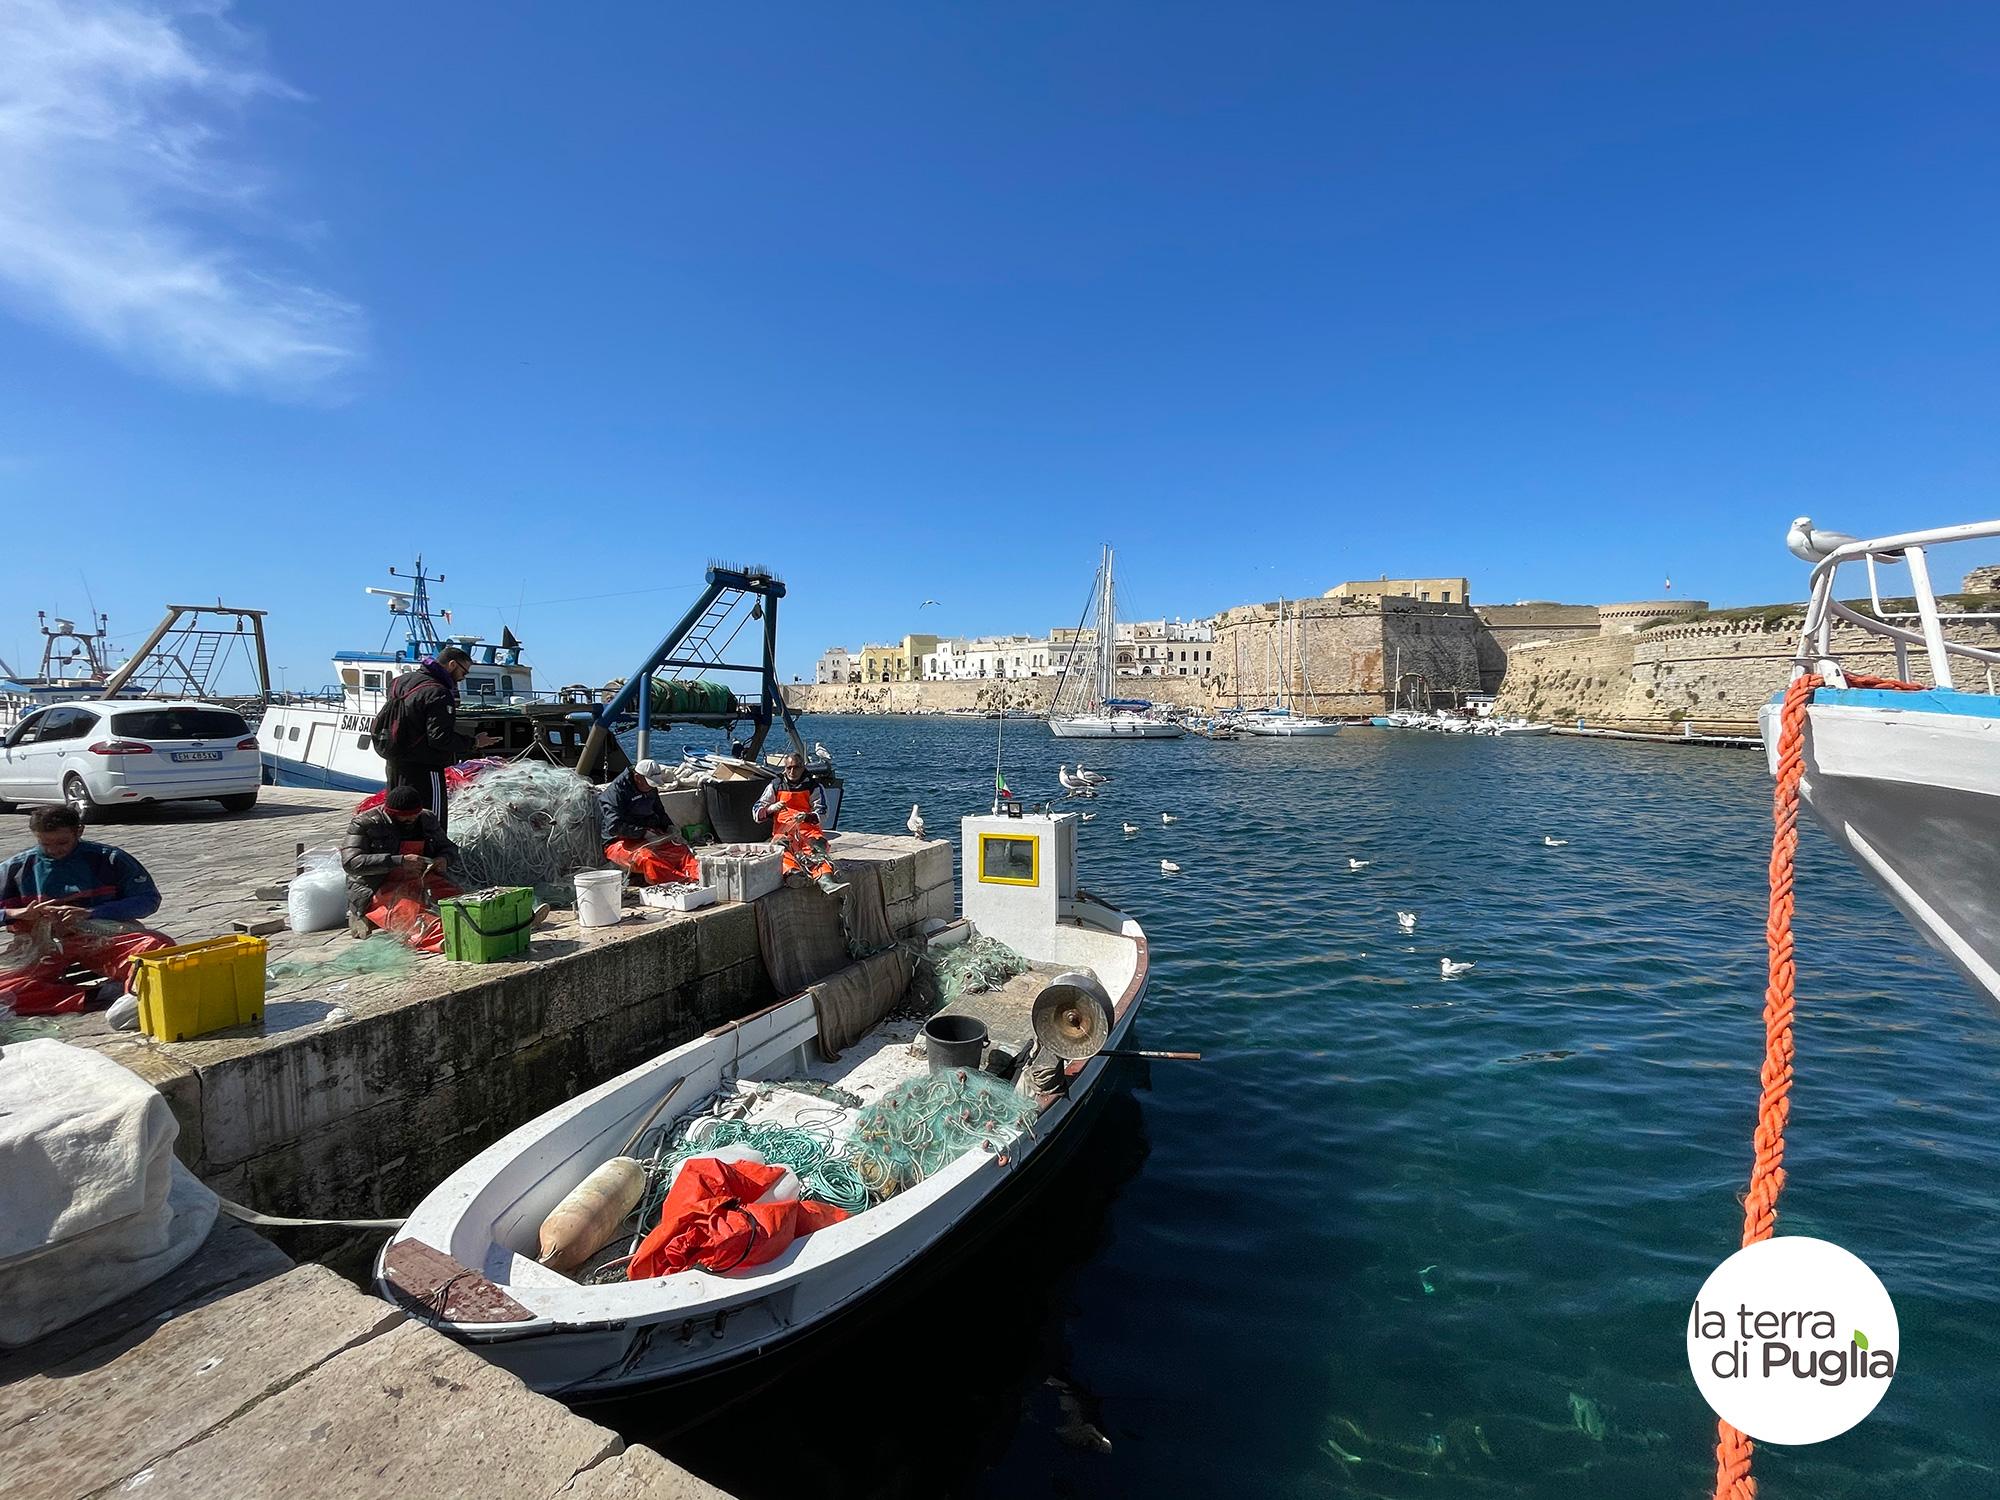 gallipoli-barche-castello-mare-1